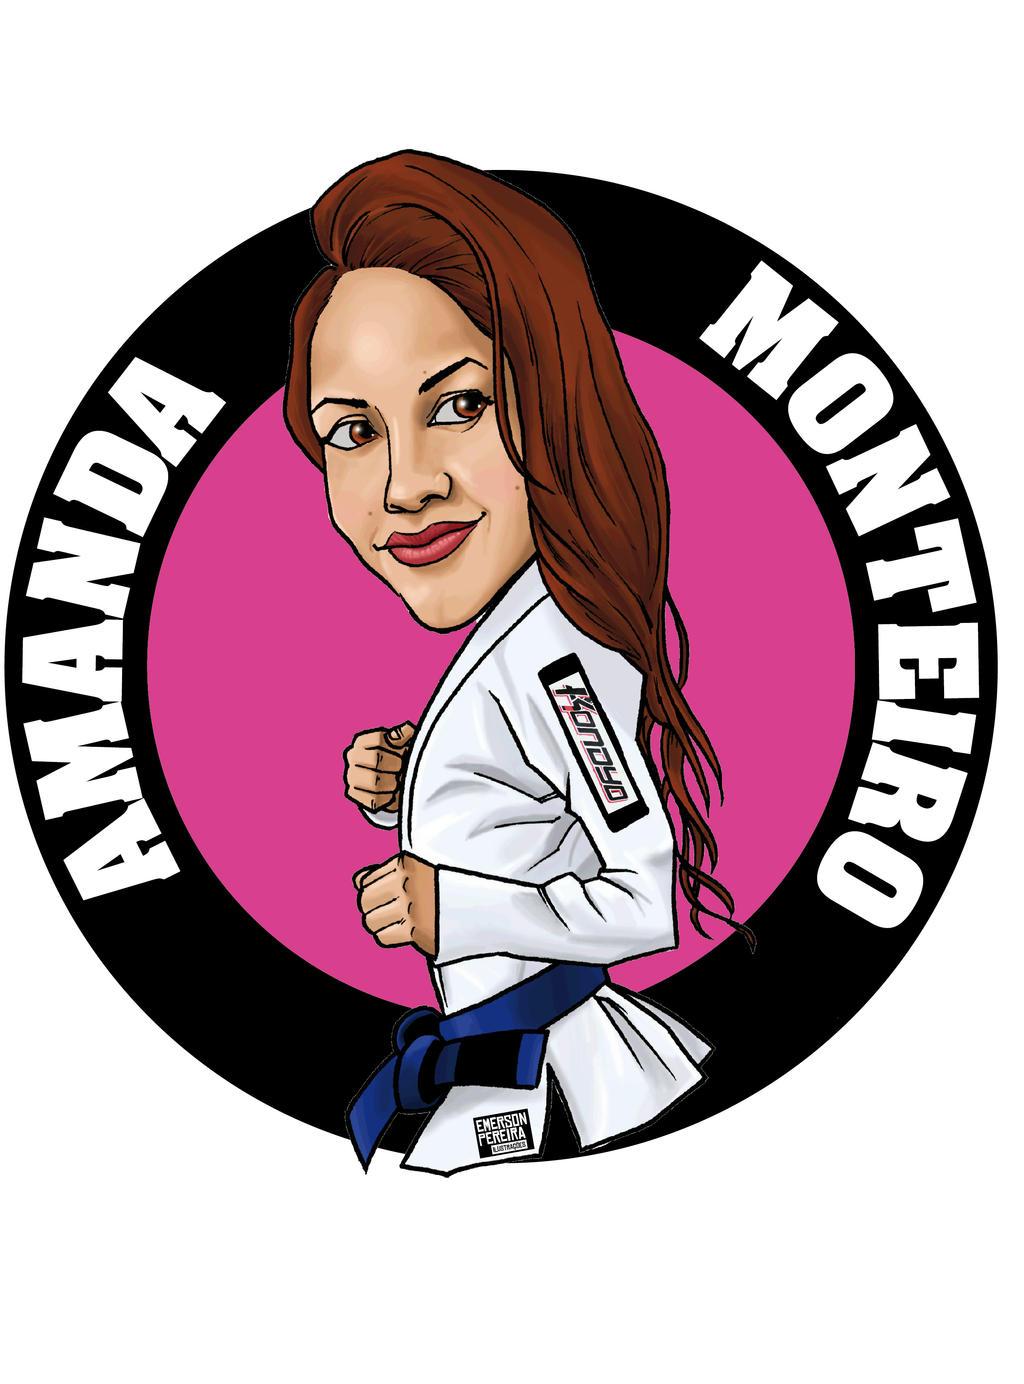 Amanda Monteiro Jiu-Jitsu by emerson-peraira